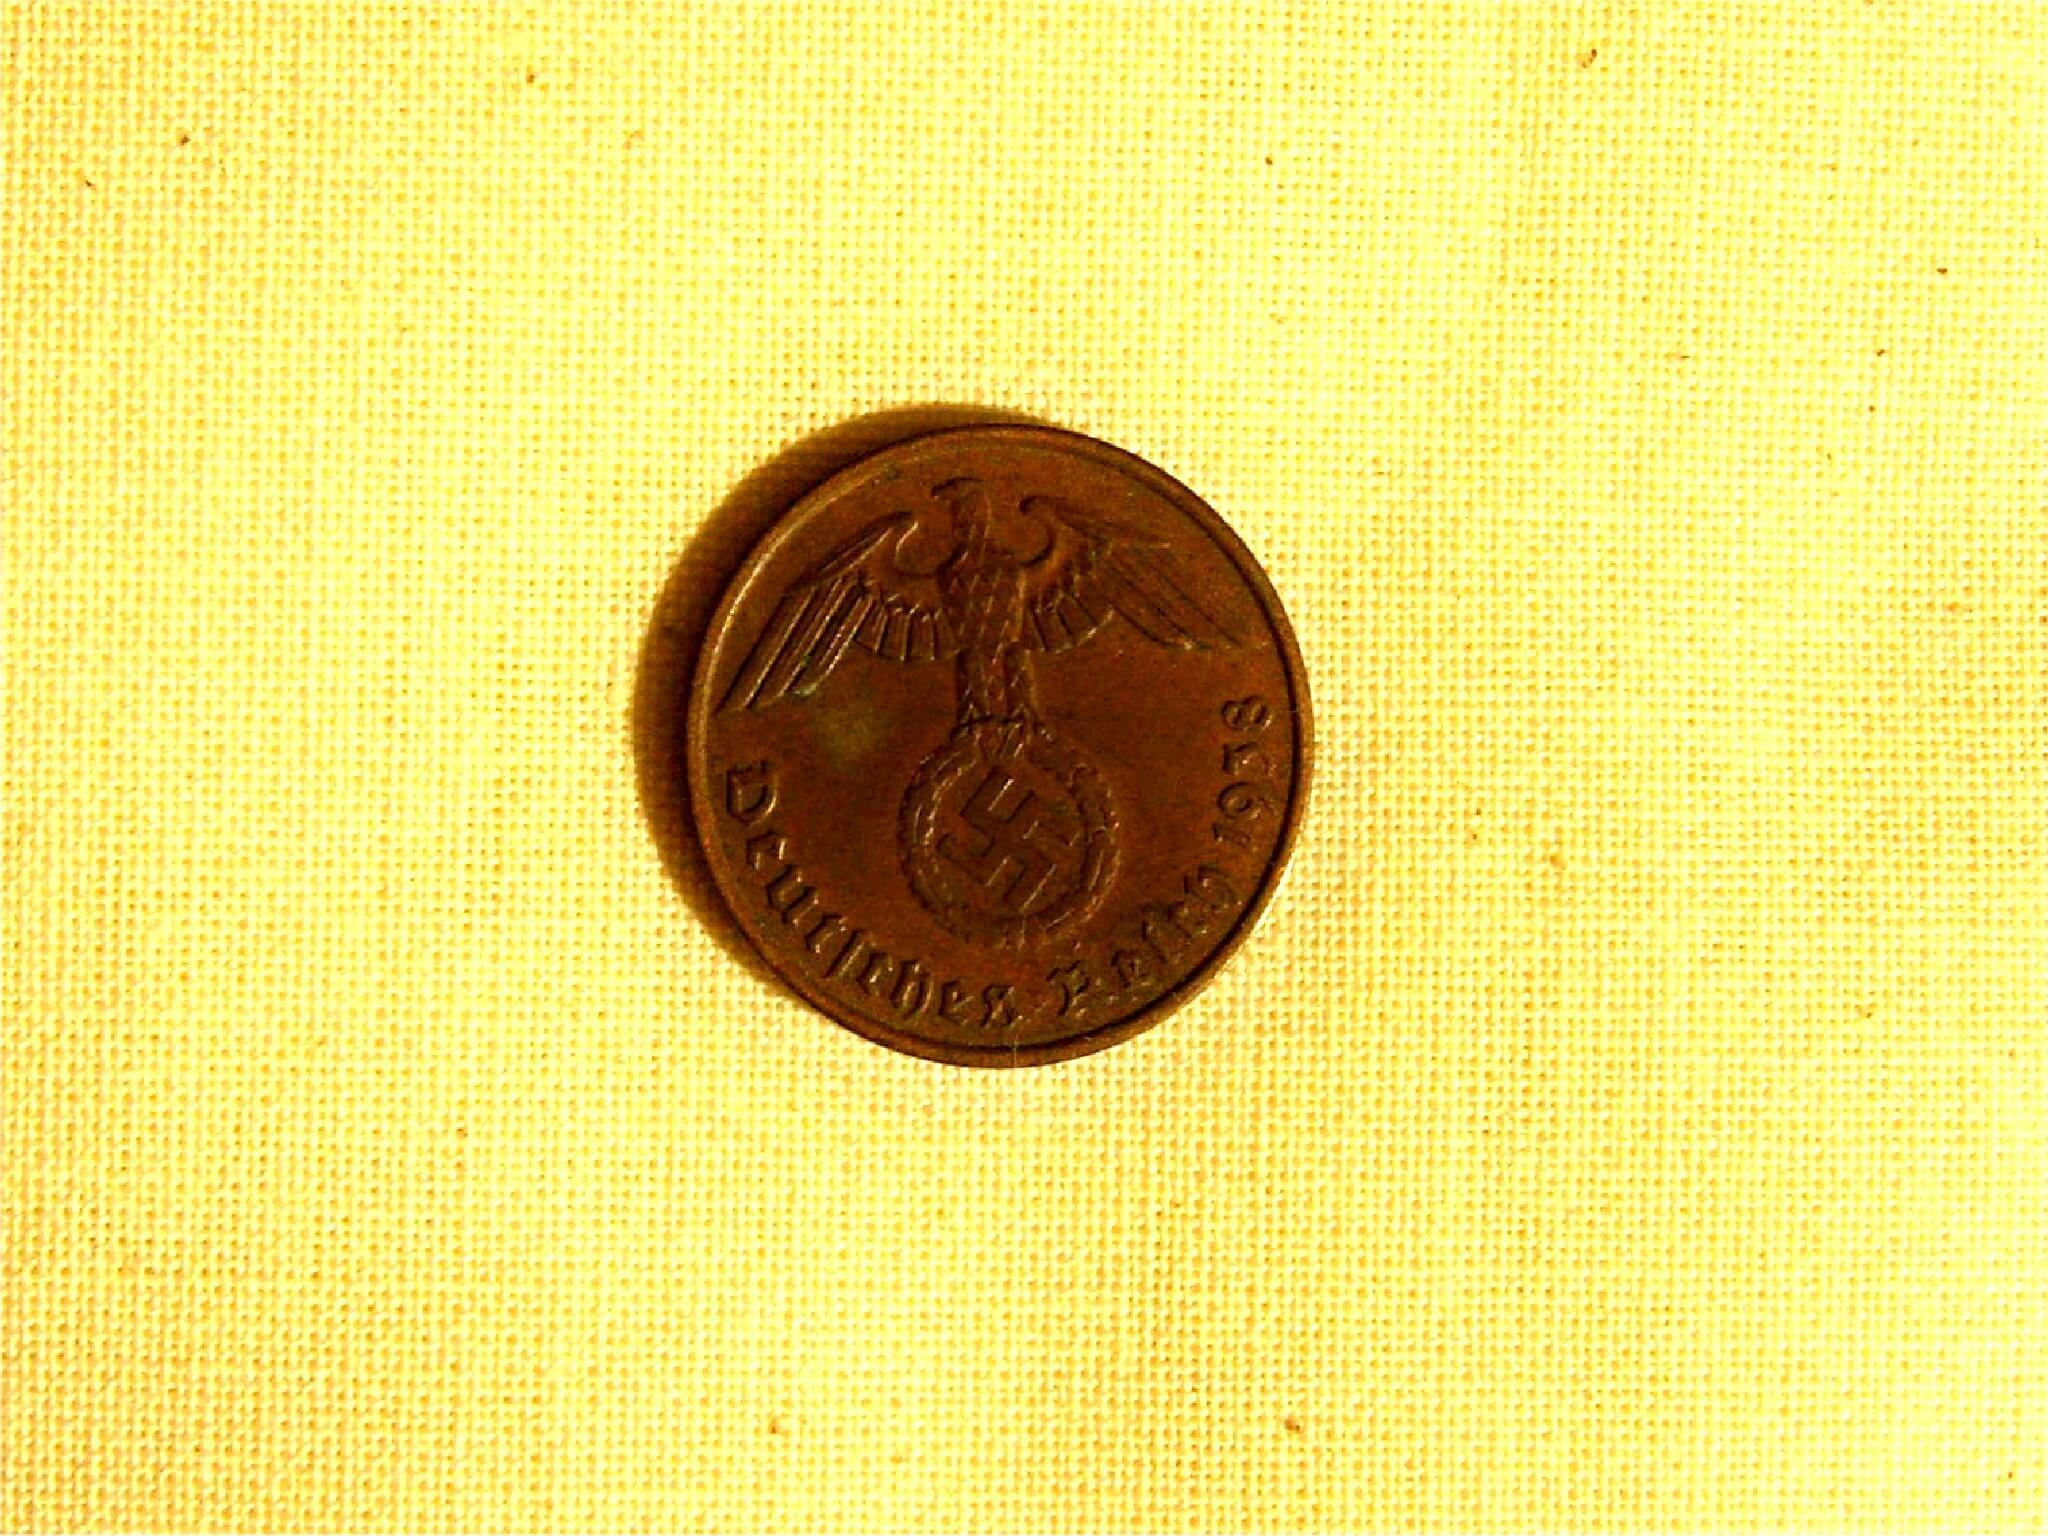 Koperen Duitse 2 pfennig 1938 Wo2